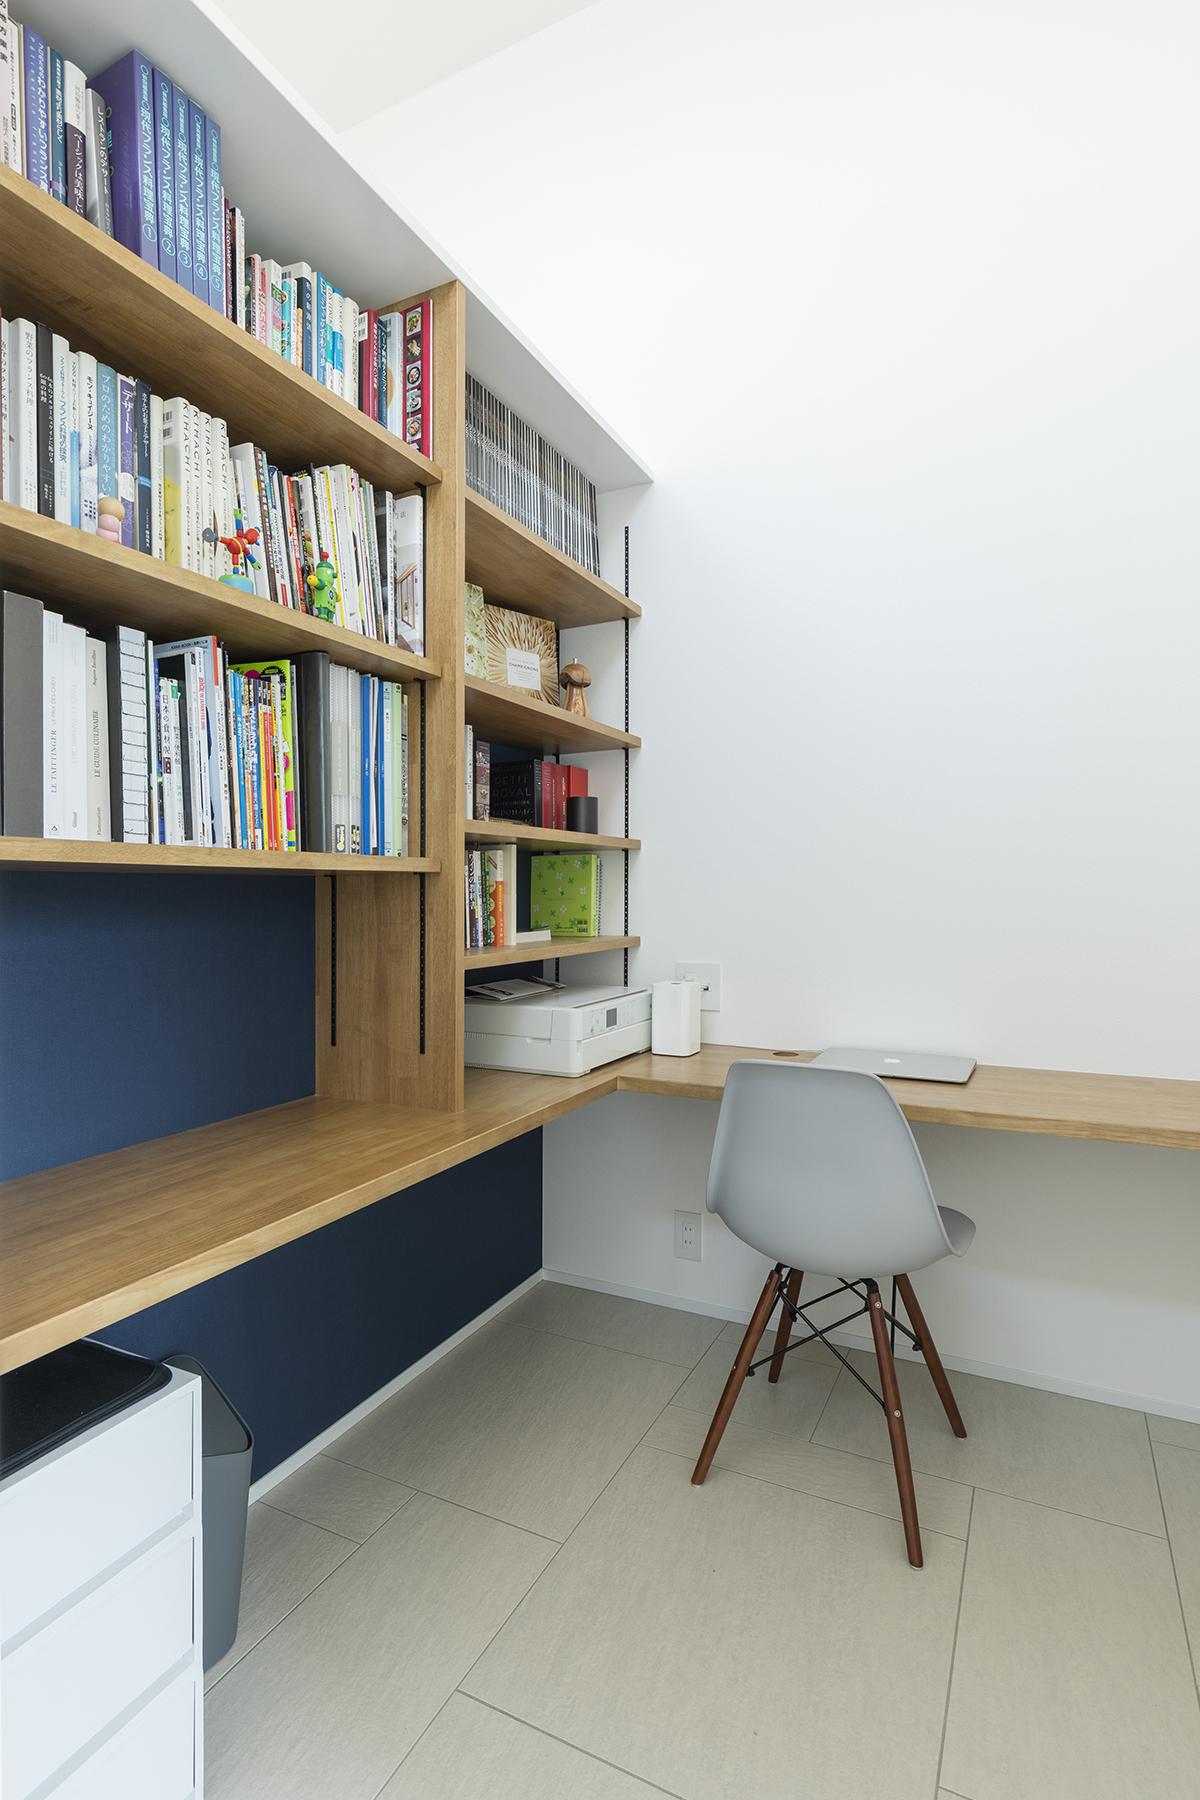 2階に設けた書斎には、ご主人の仕事や趣味に関連する書籍などがズラリ。